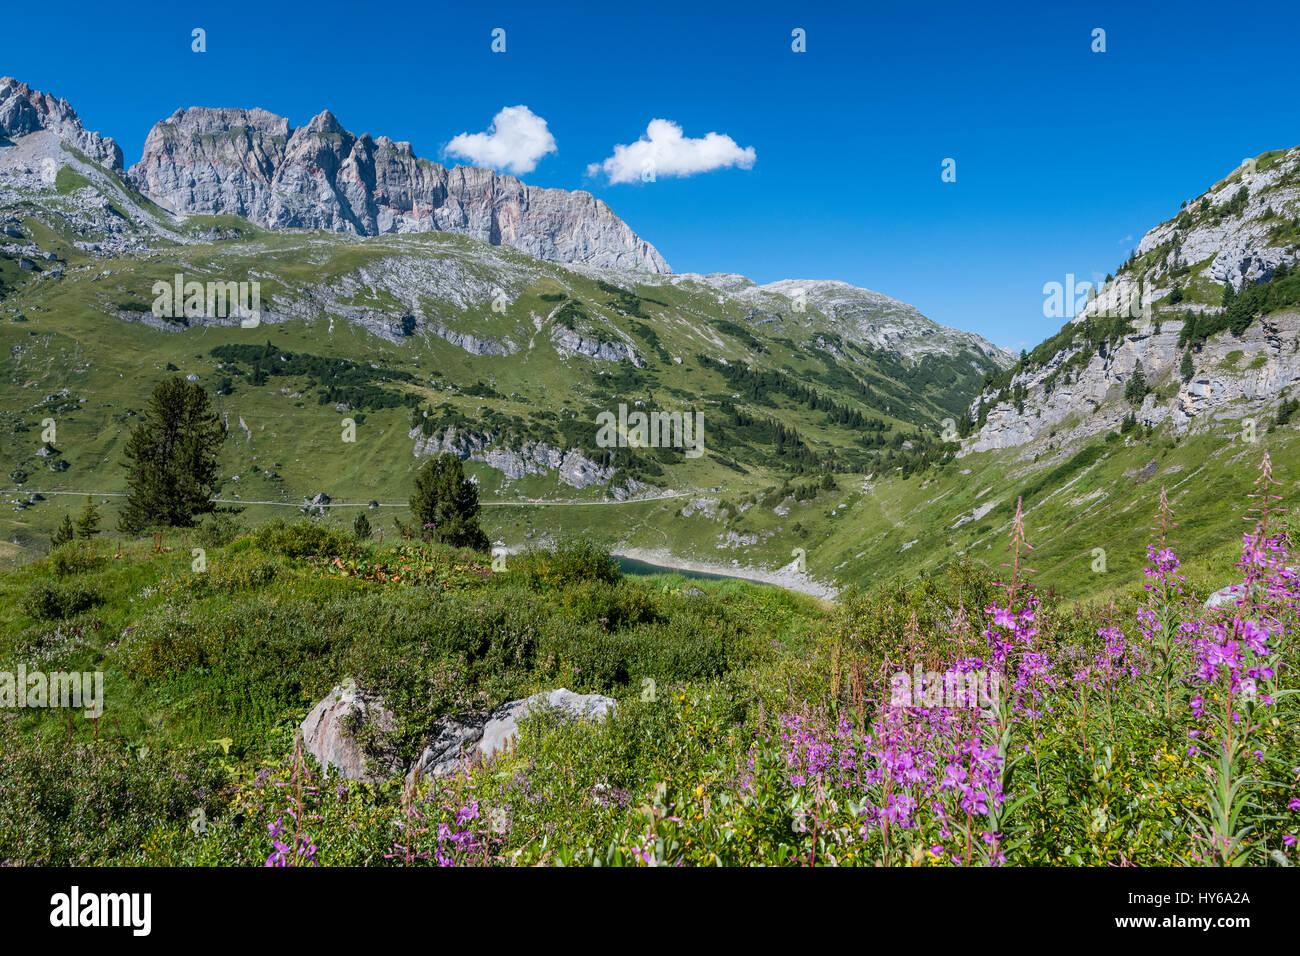 Karst landscape, Steinernes Meer and Rote Wand, Lechquellen Mountains, Vorarlberg, Austria Stock Photo